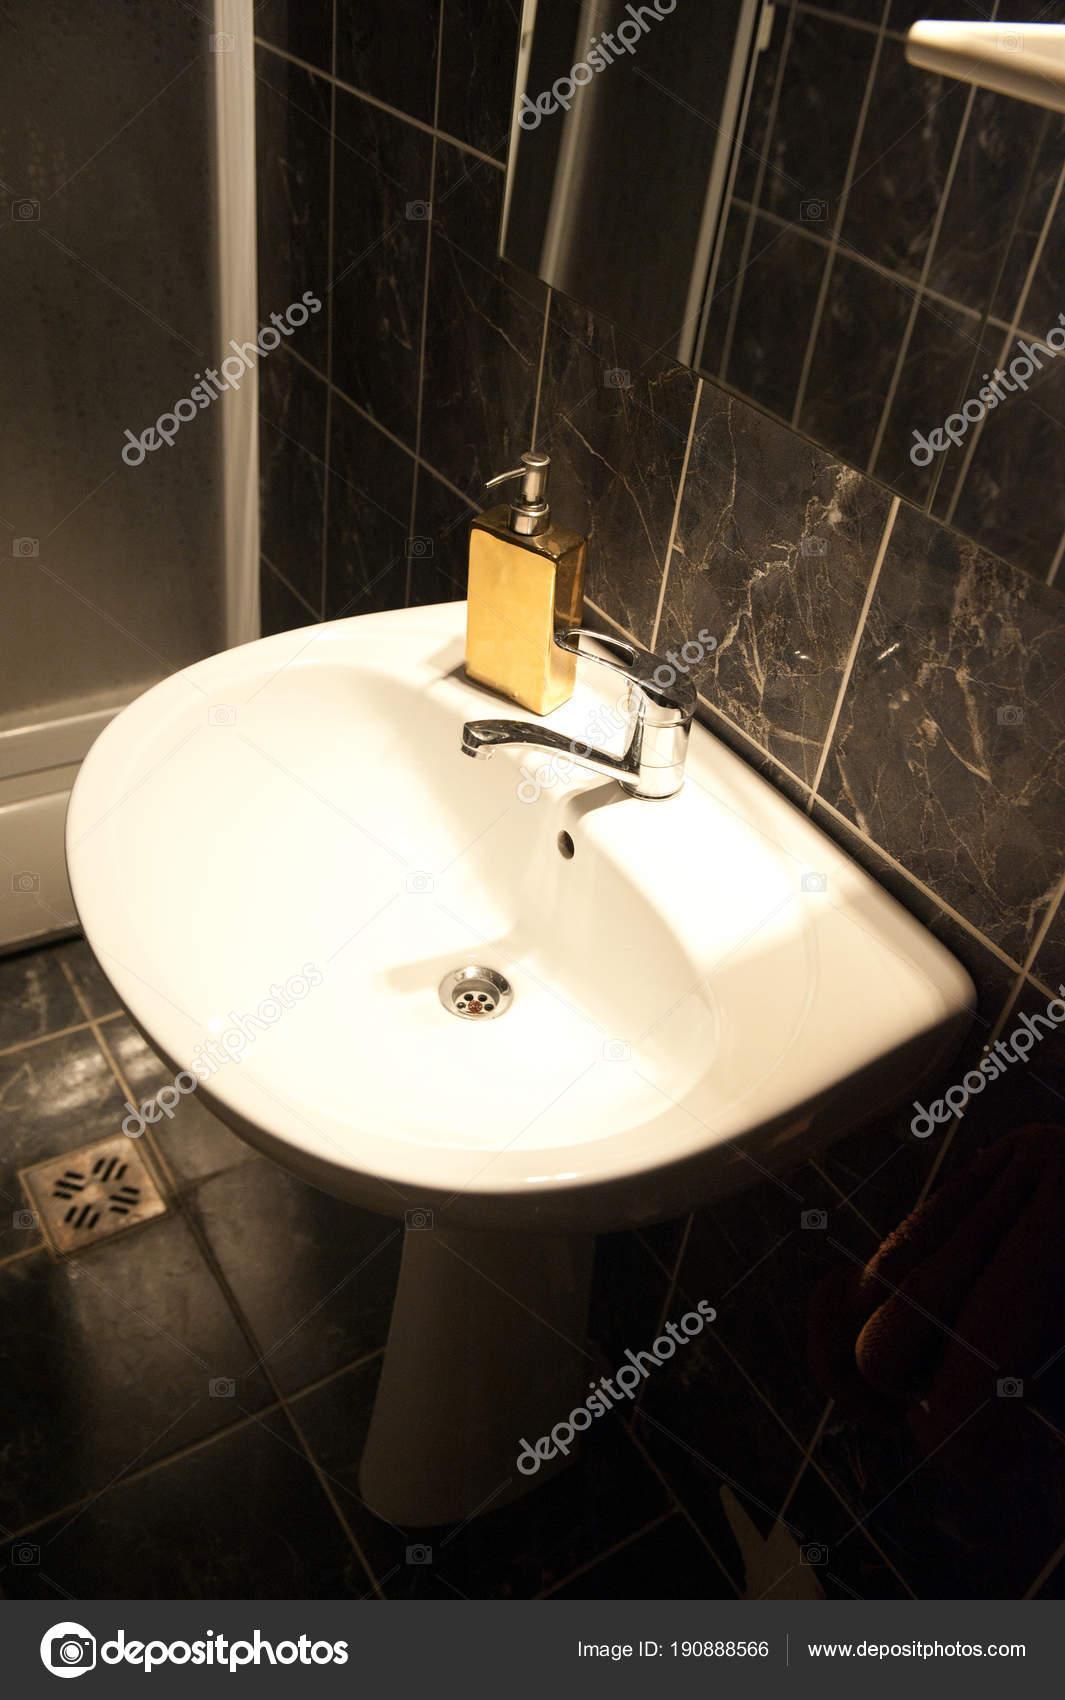 Accesorios Baño Diversos Accesorios Como Lavabo Cabina Ducha Dentro ...